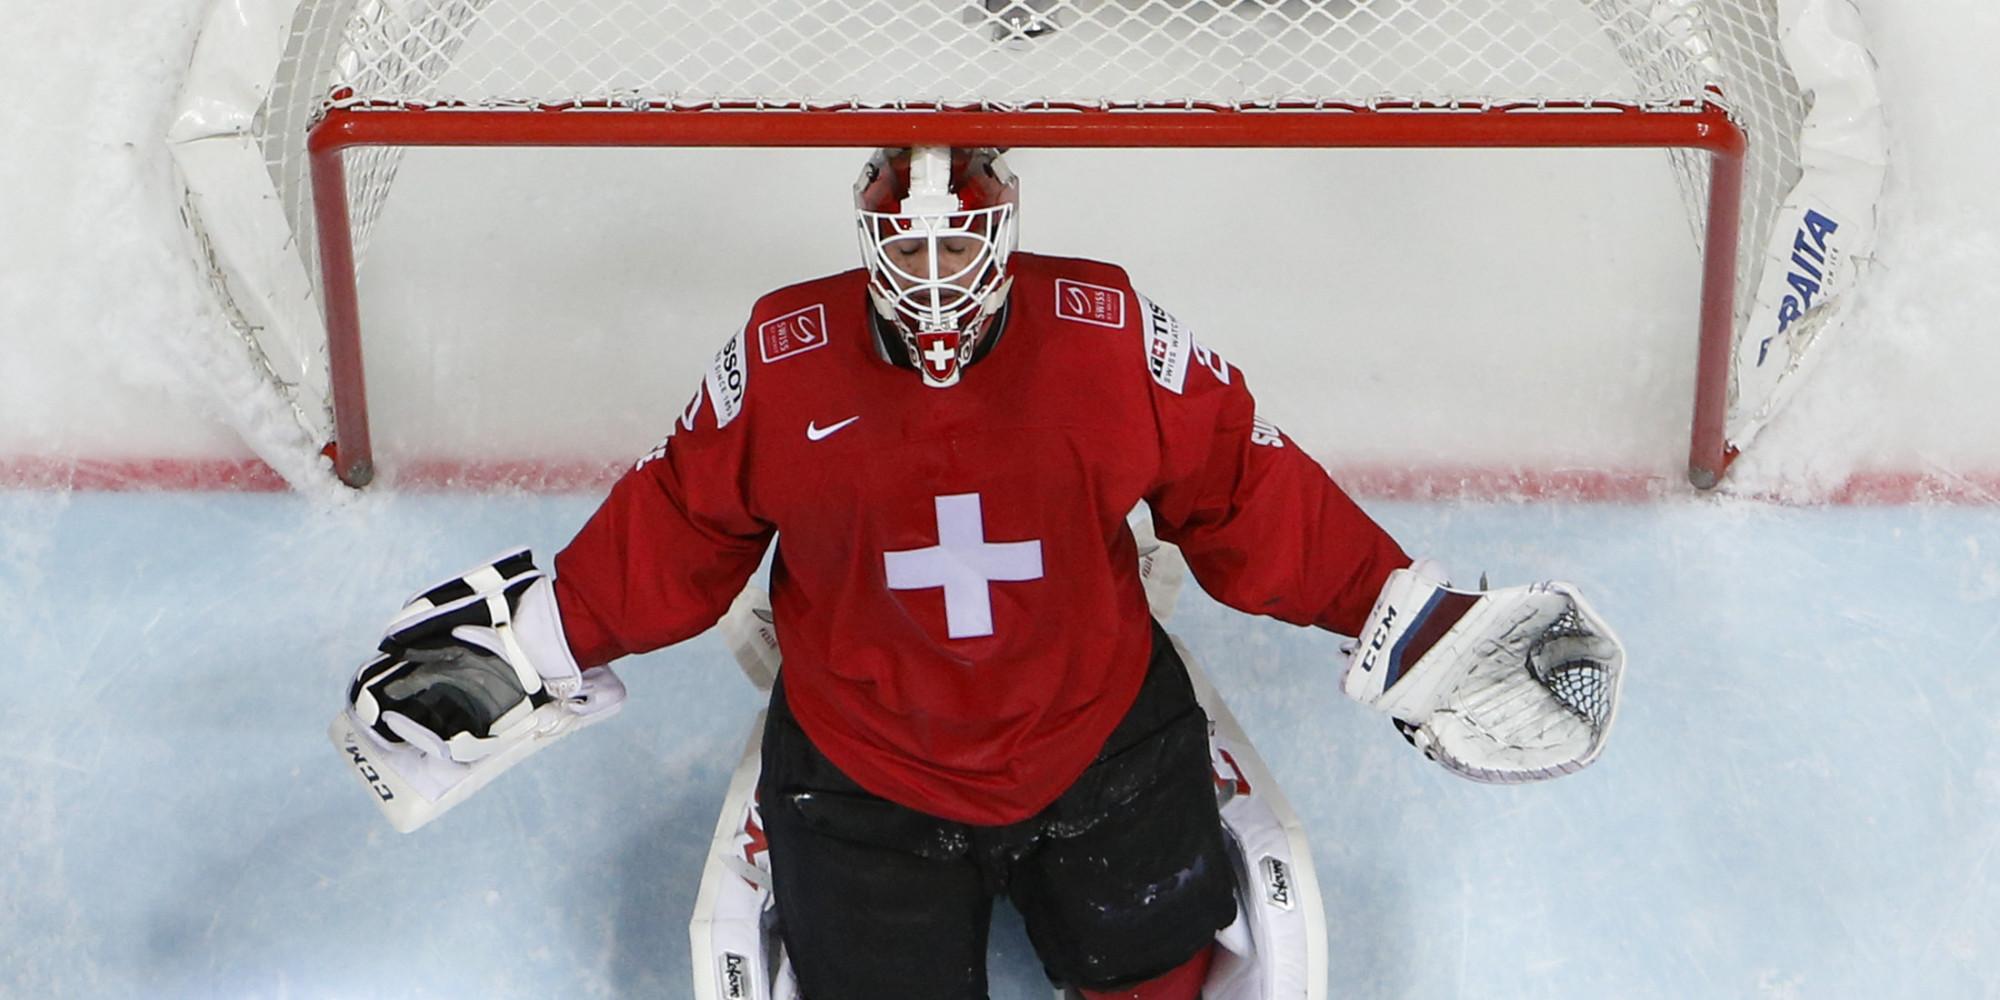 Tschechien - Schweiz im Live-Stream: Eishockey-WM-Spiel ab 11.15 Uhr